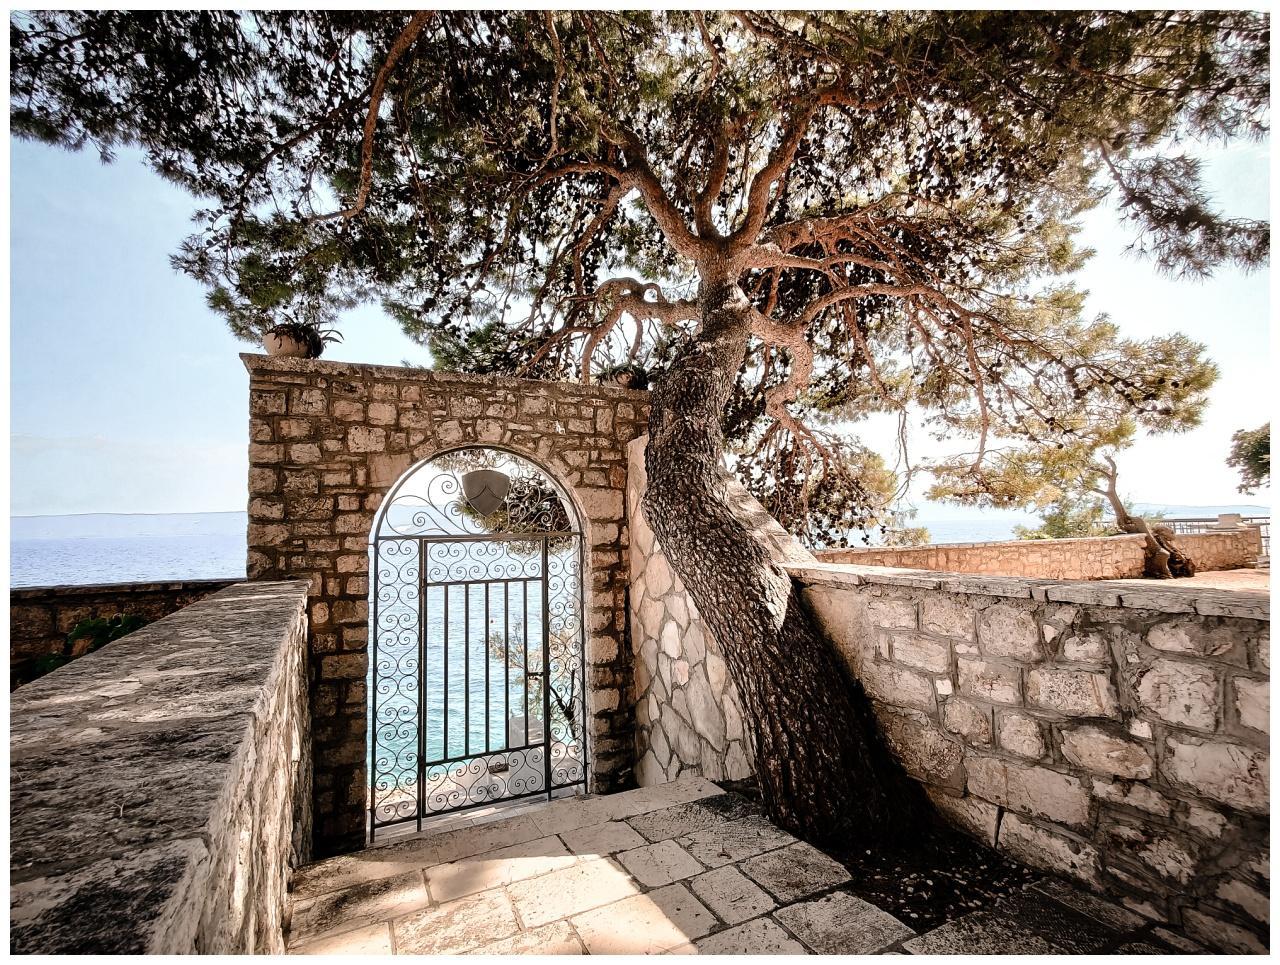 hochzeit brac inse boho heiraten kroatien hochzeitsplaner 17 - Glam Boho Hochzeit auf der Insel Brač